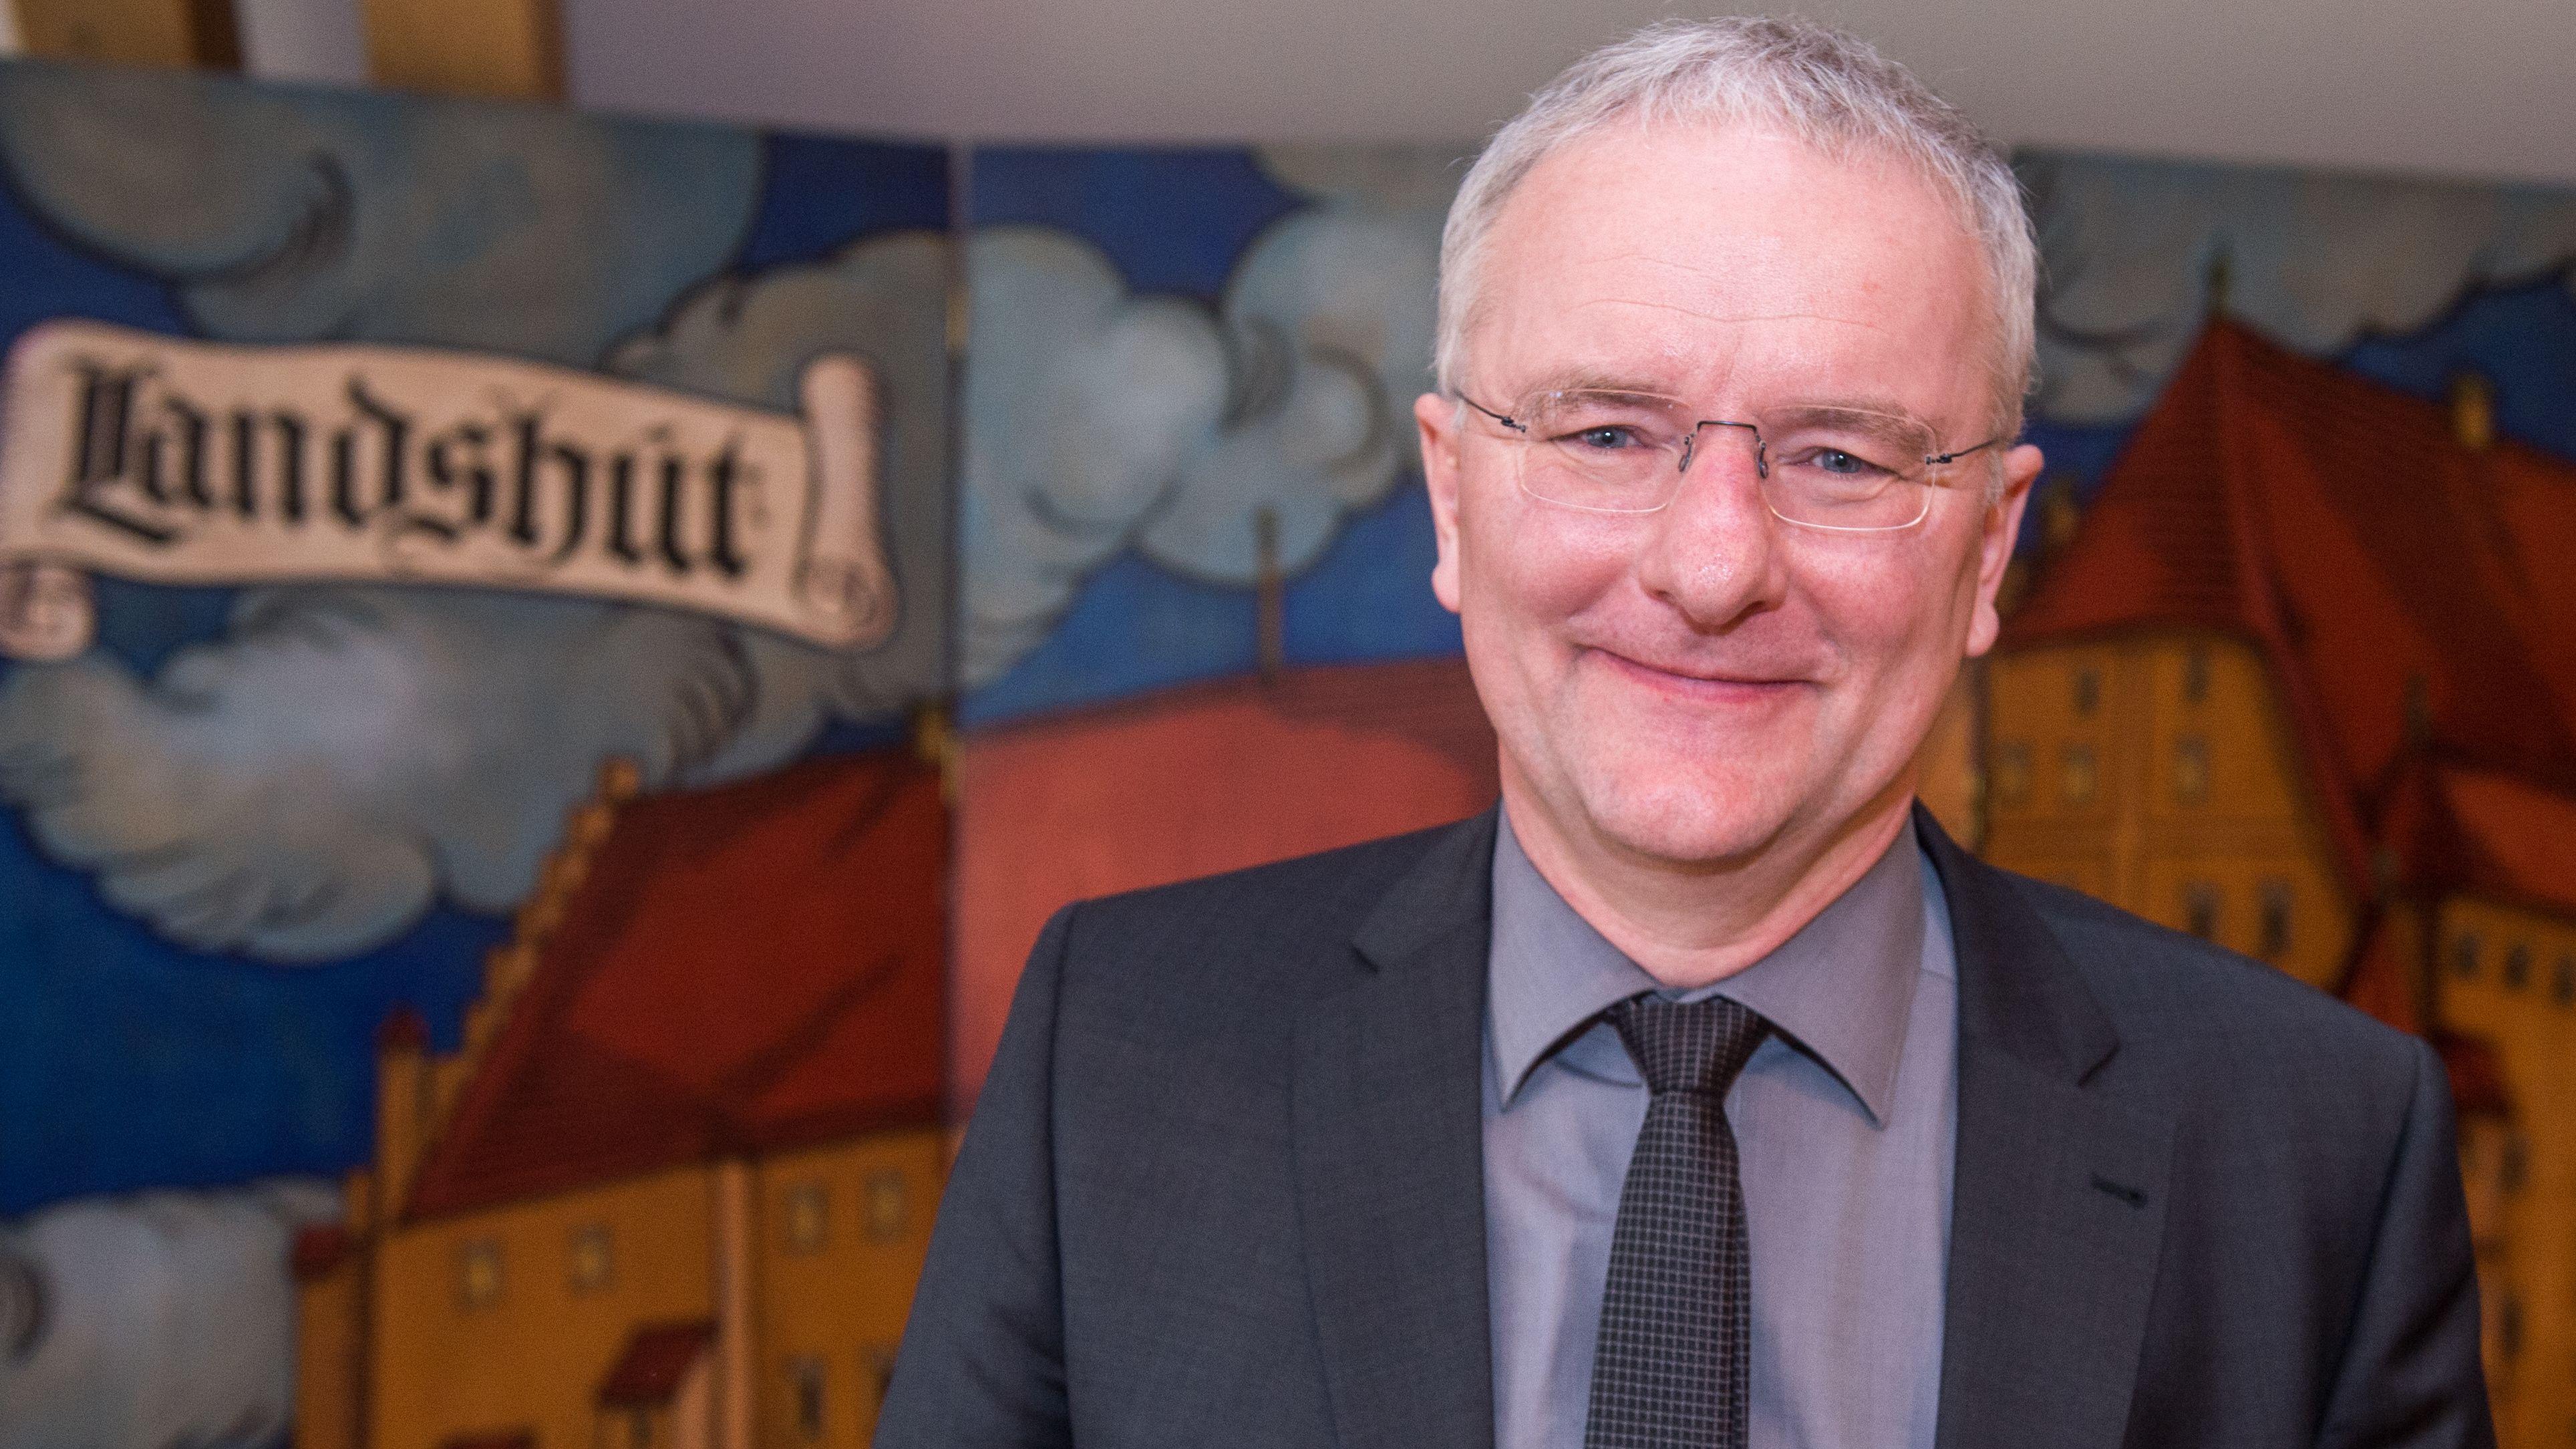 Der Landshuter Oberbürgermeister Alexander Putz